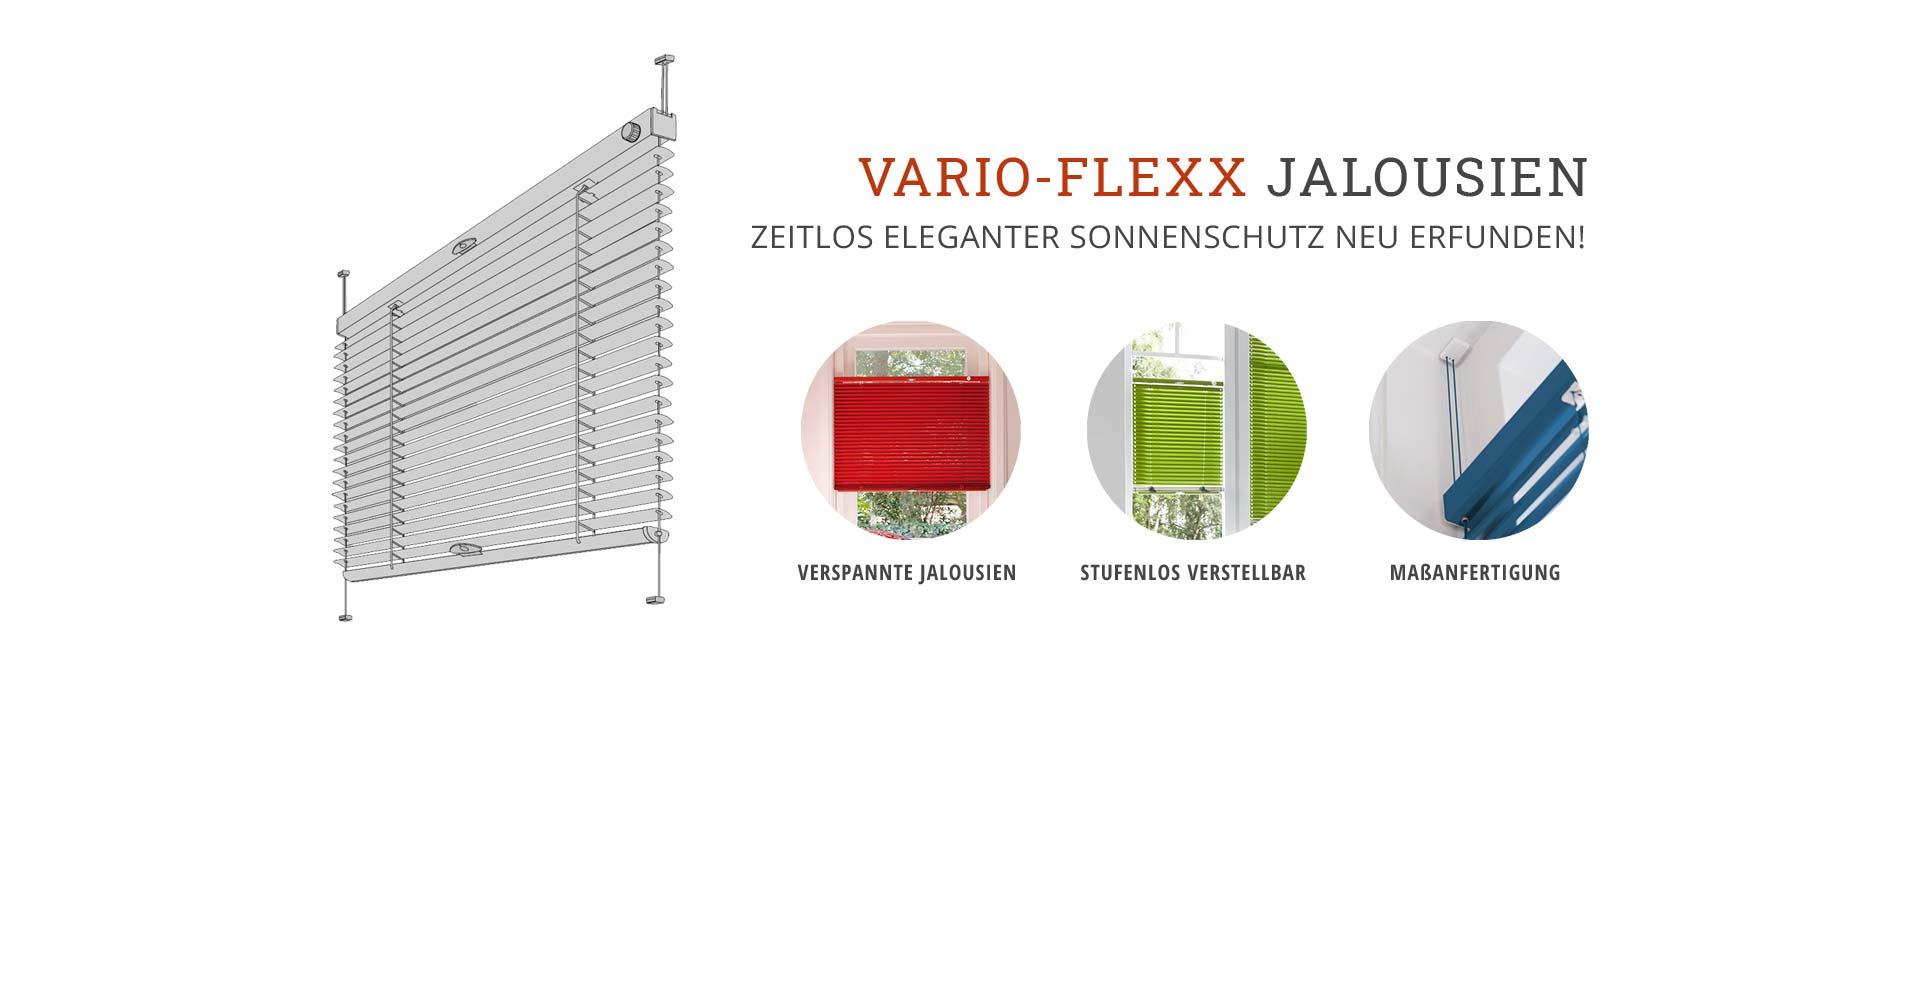 Flexible Jalousien mit der Vario-Flexx